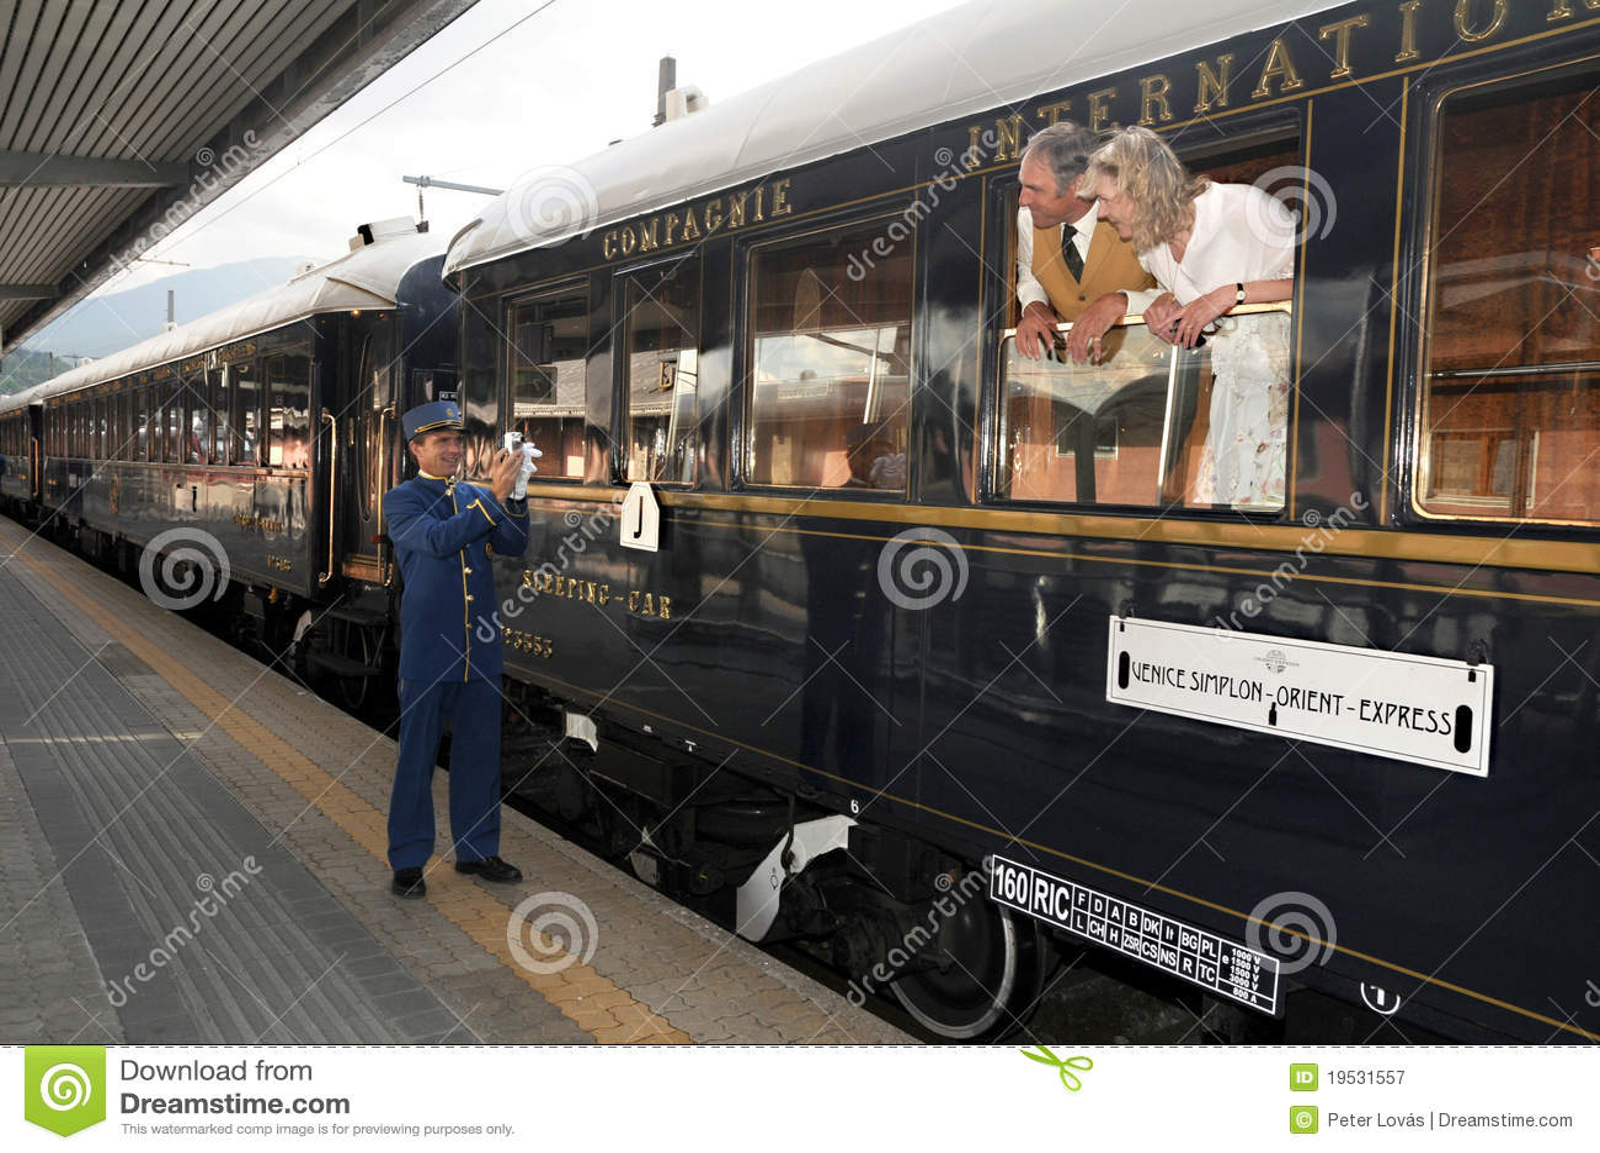 Train Conductor Clipart